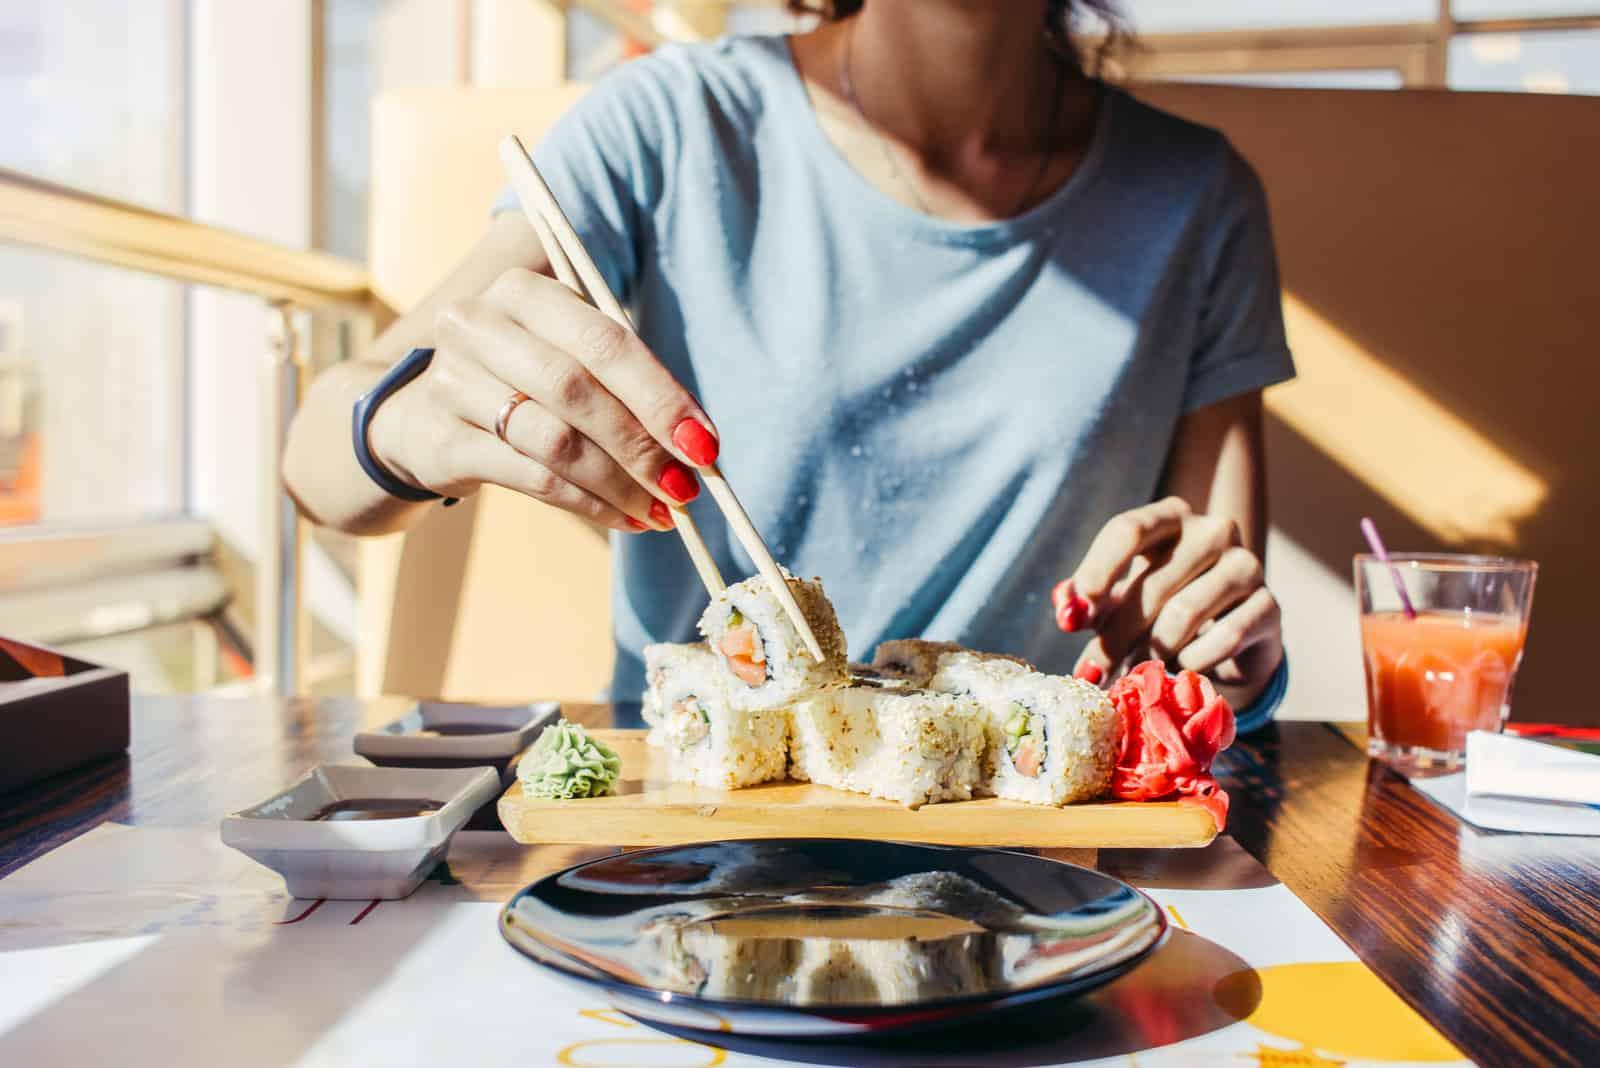 Frau im blauen Hemd isst an einem Sushi-Restaurant